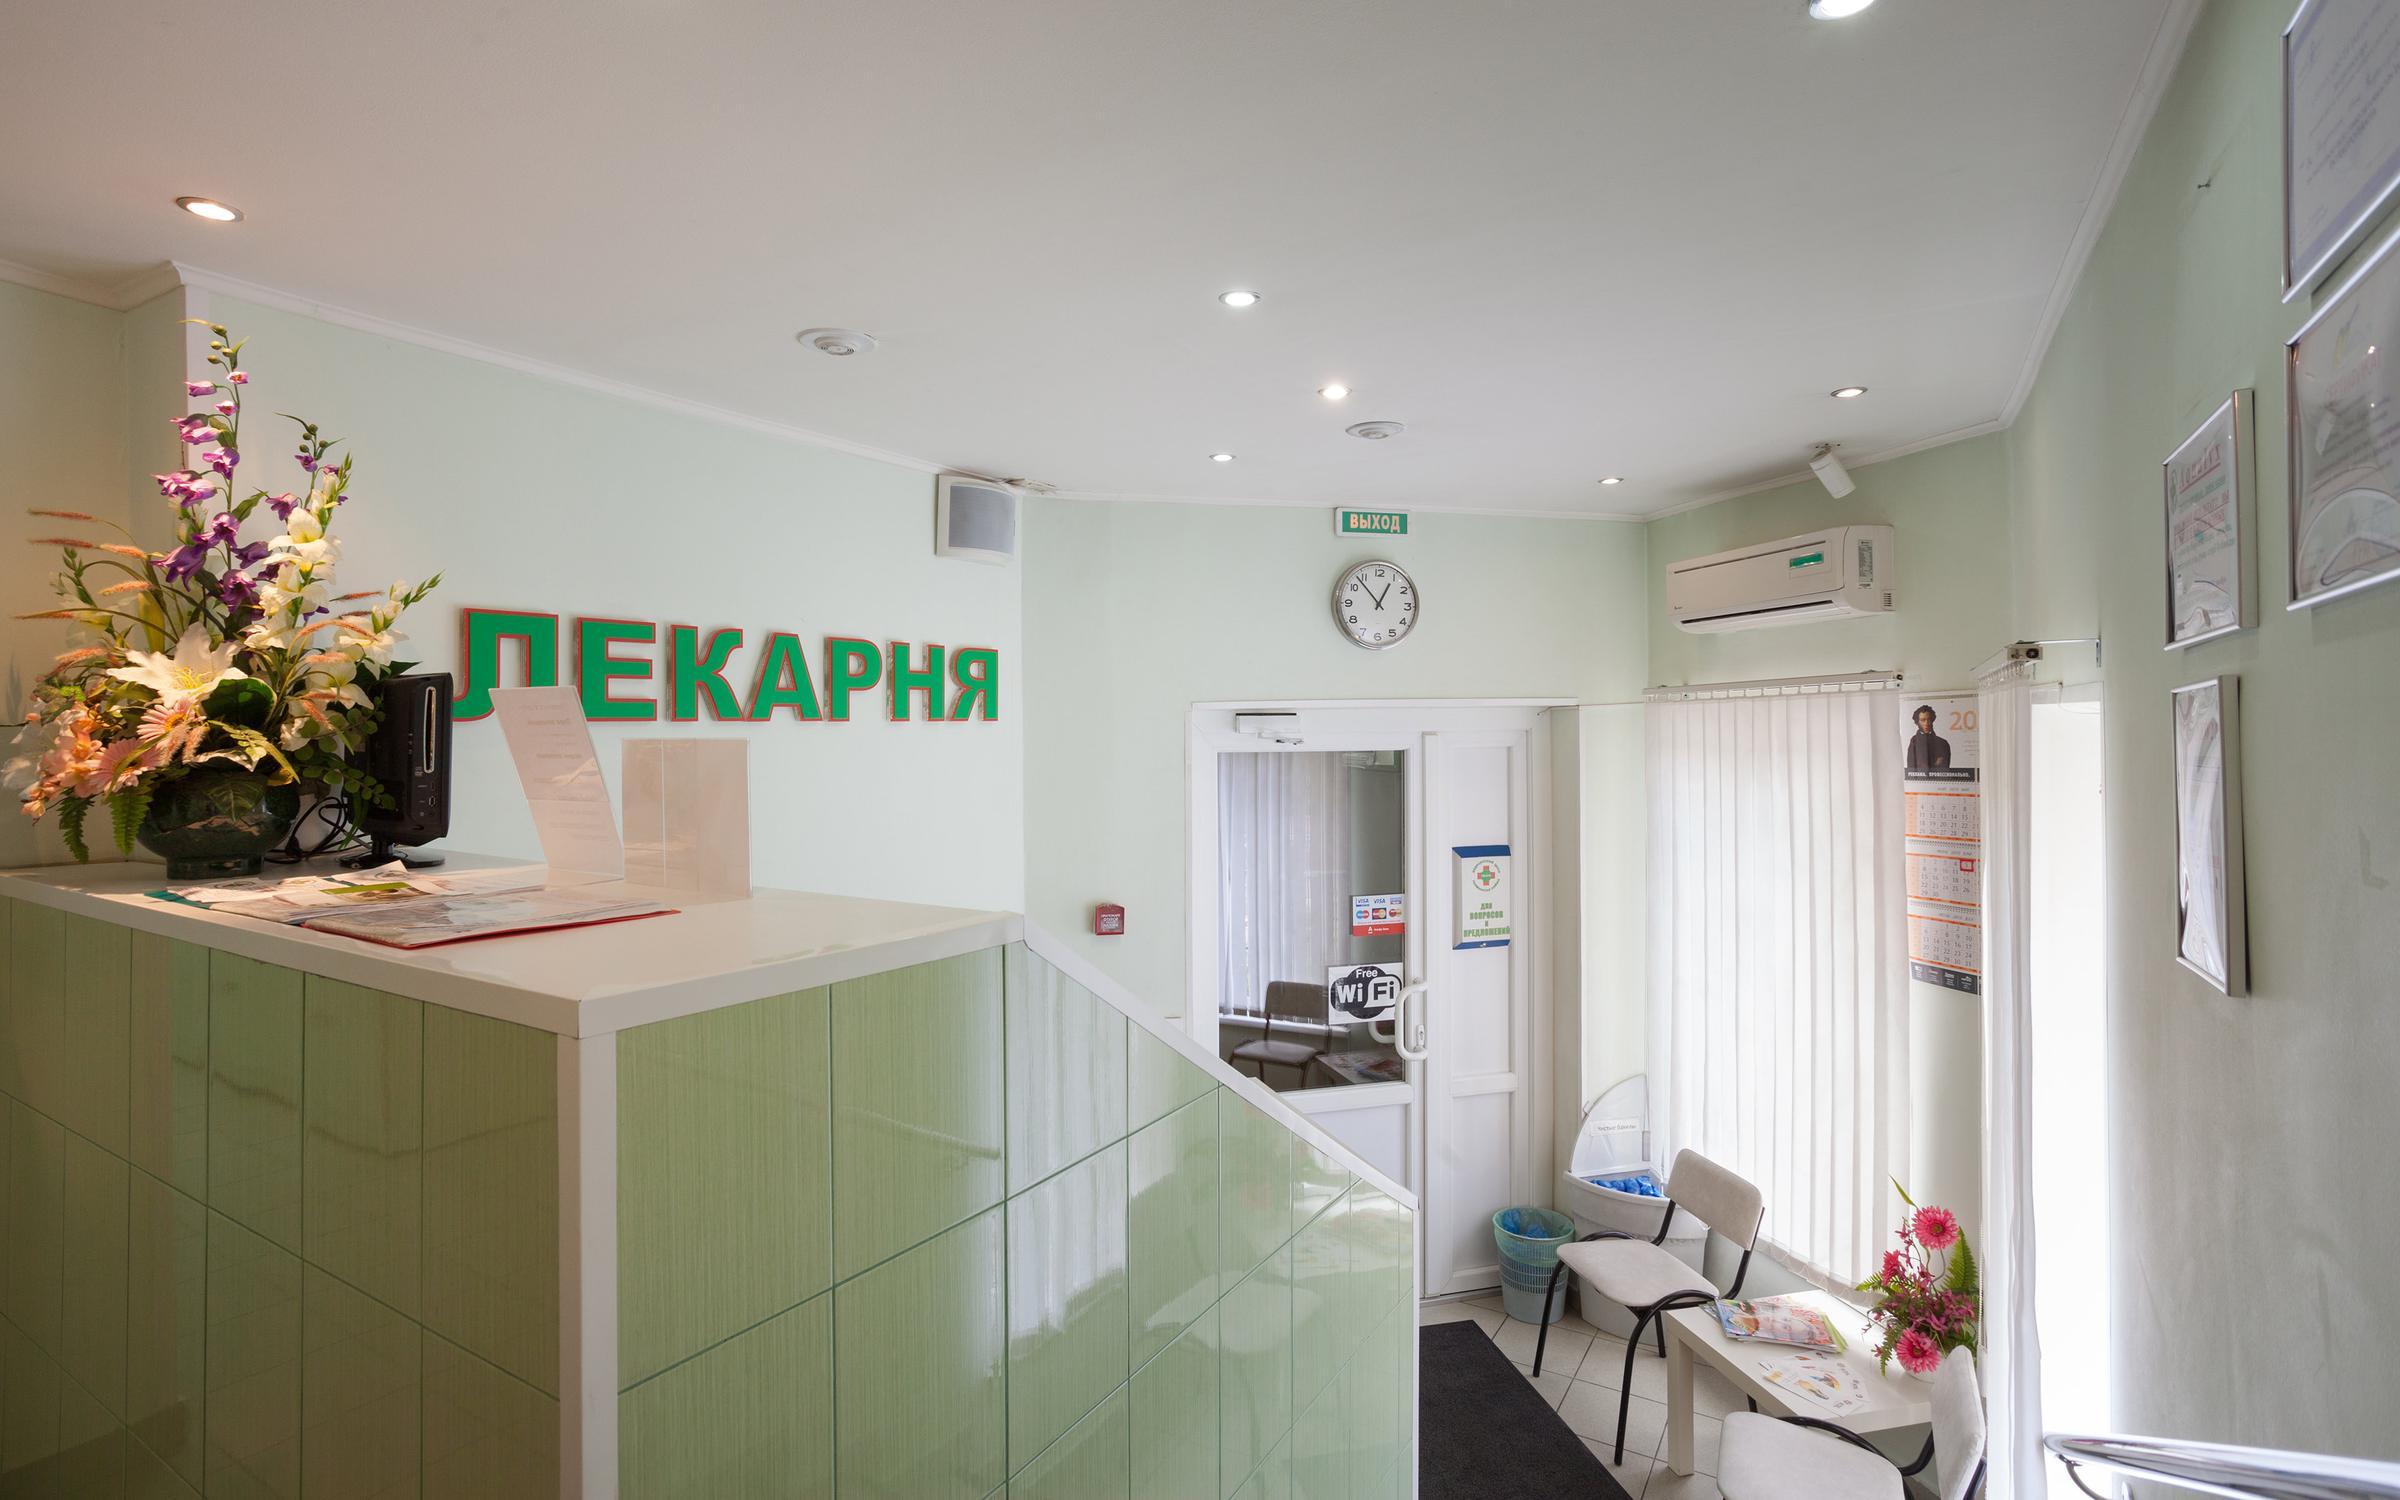 фотография Медицинского центра Лекарь Павшинская пойма